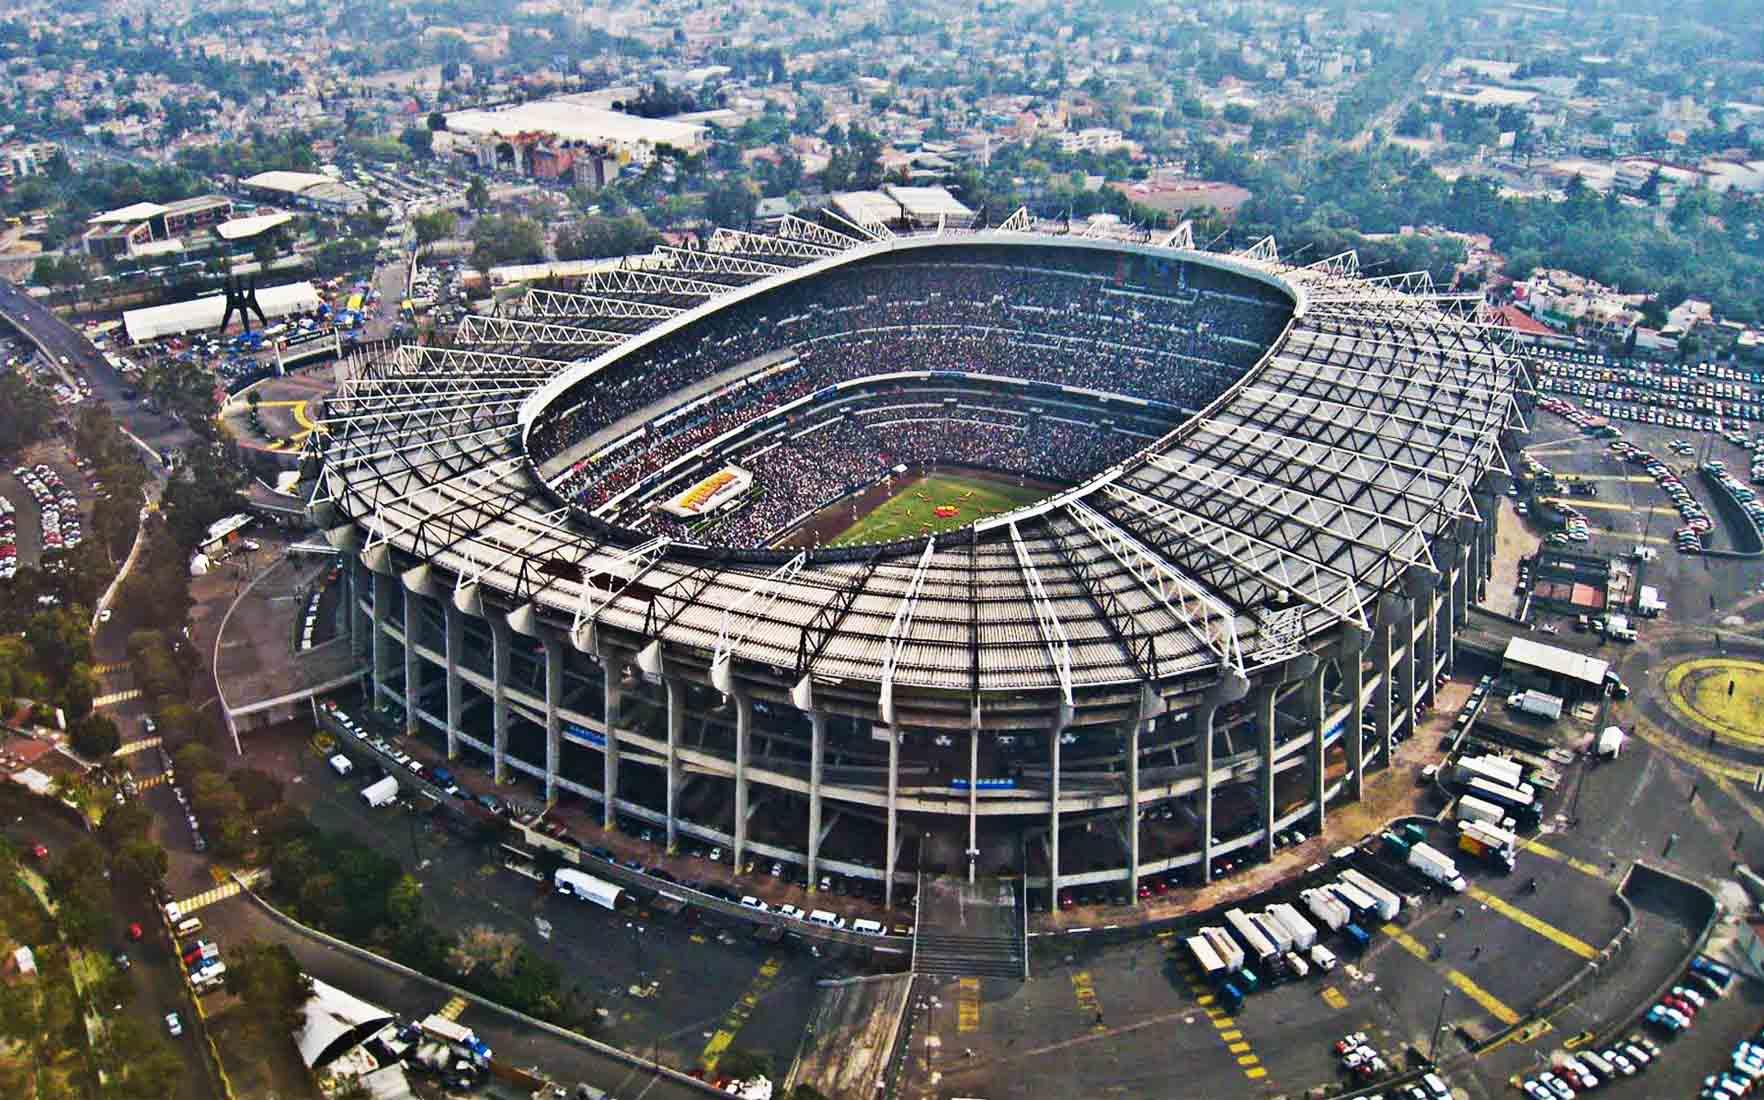 Sân bóng đá Estadio Azteca của Mexico là một trong top 10 sân bóng đá lớn nhất thế giới